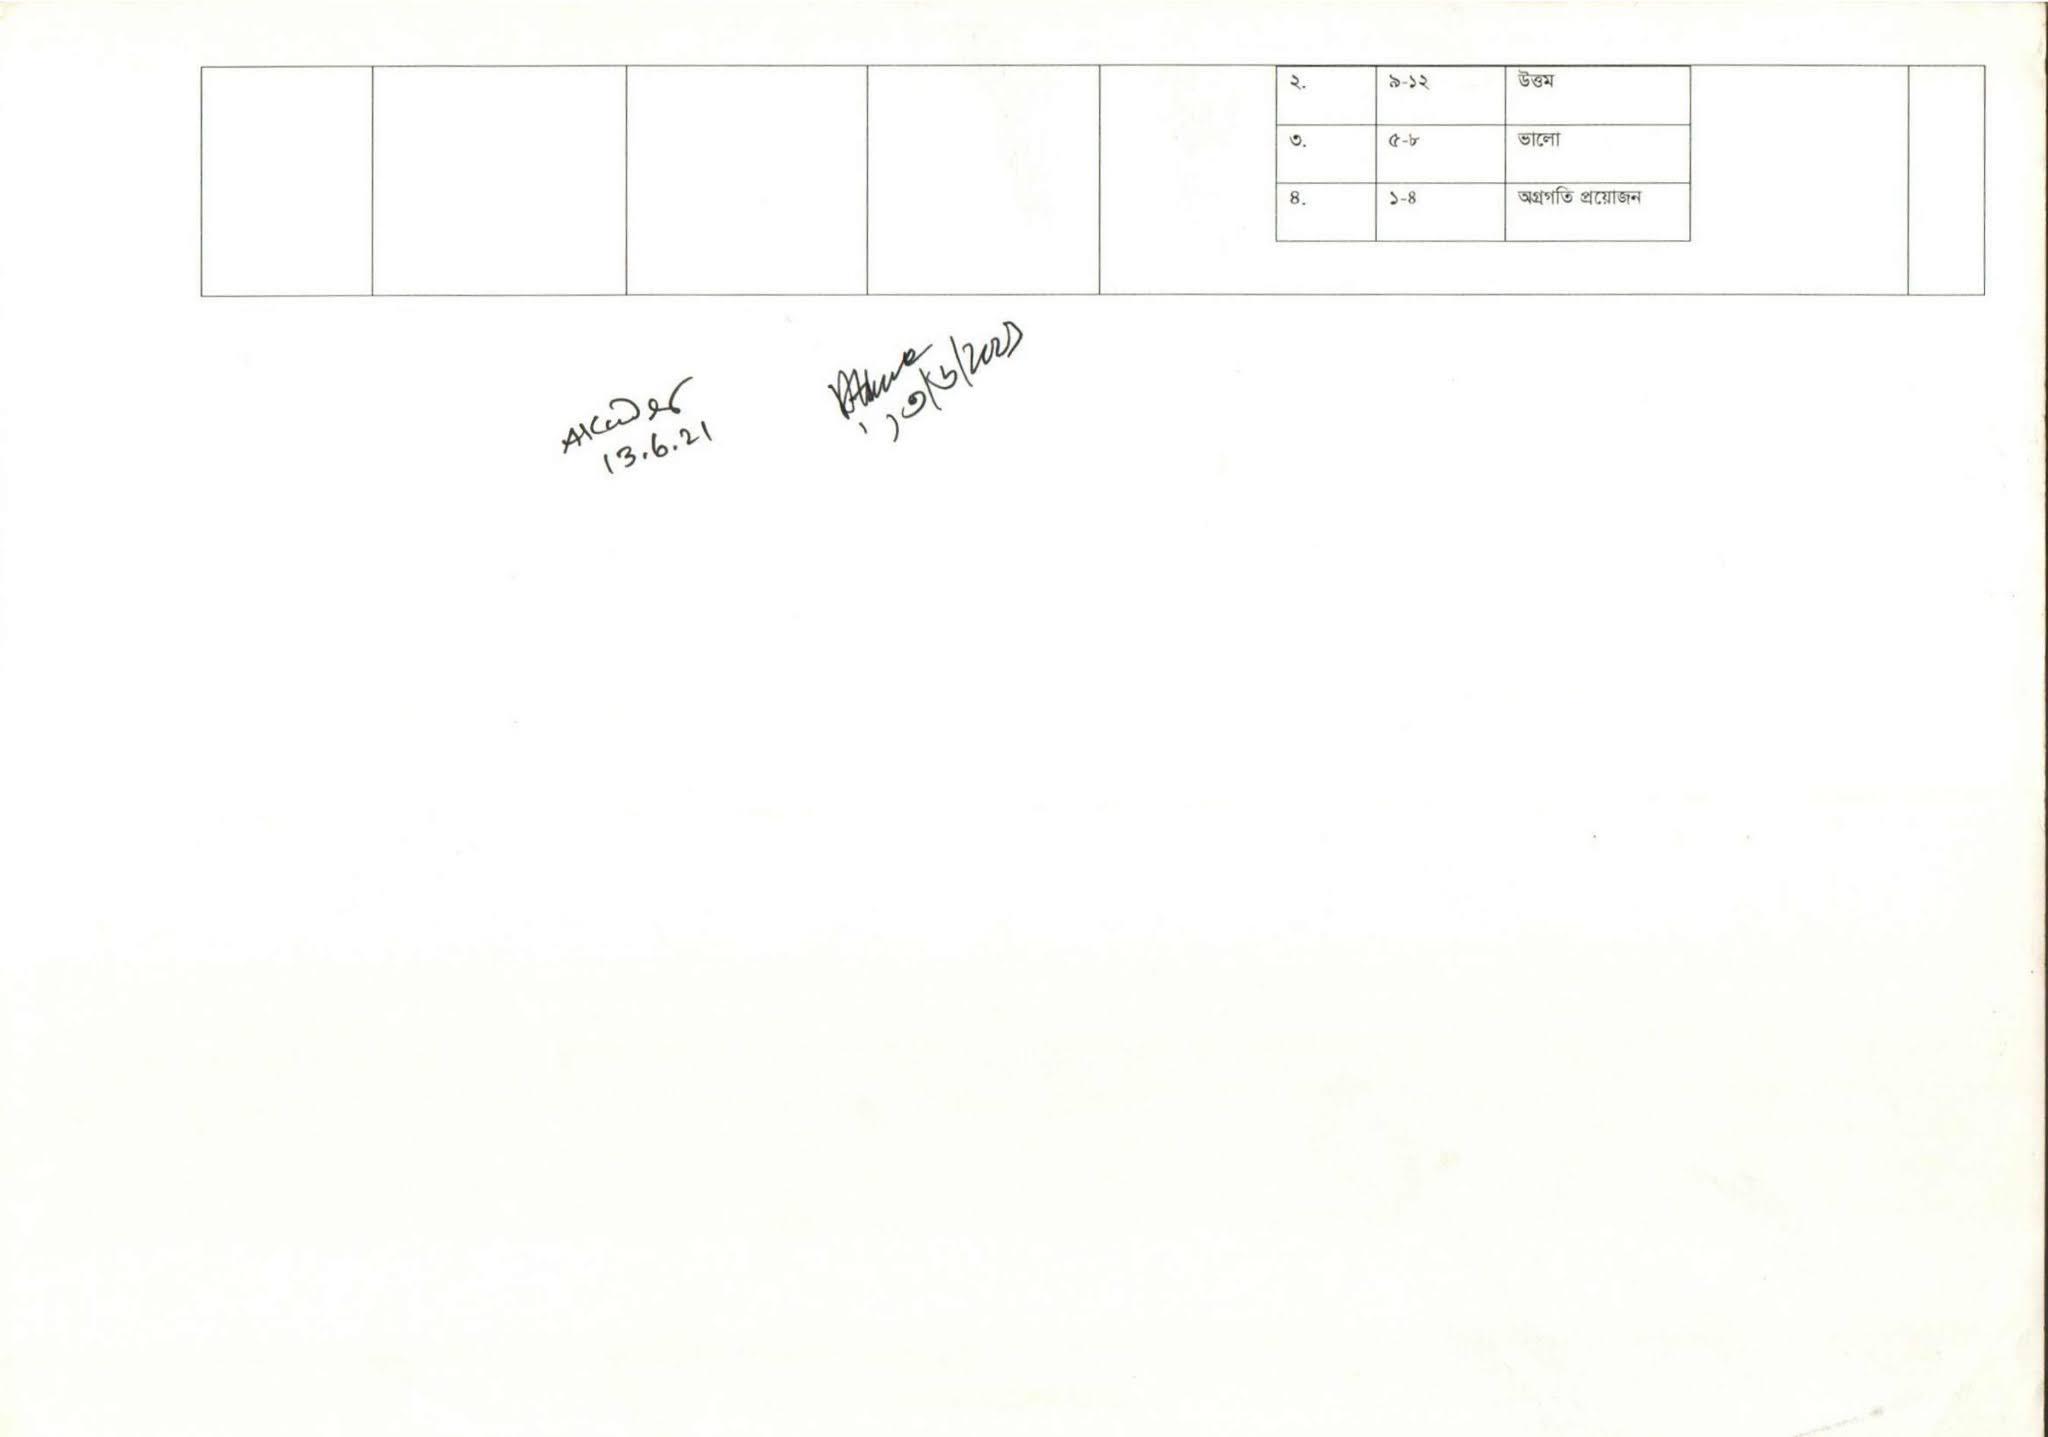 এইচএসসি ১ম সপ্তাহের এসাইনমেন্ট যুক্তিবিদ্যা ১ম পত্র প্রশ্ন ২০২১